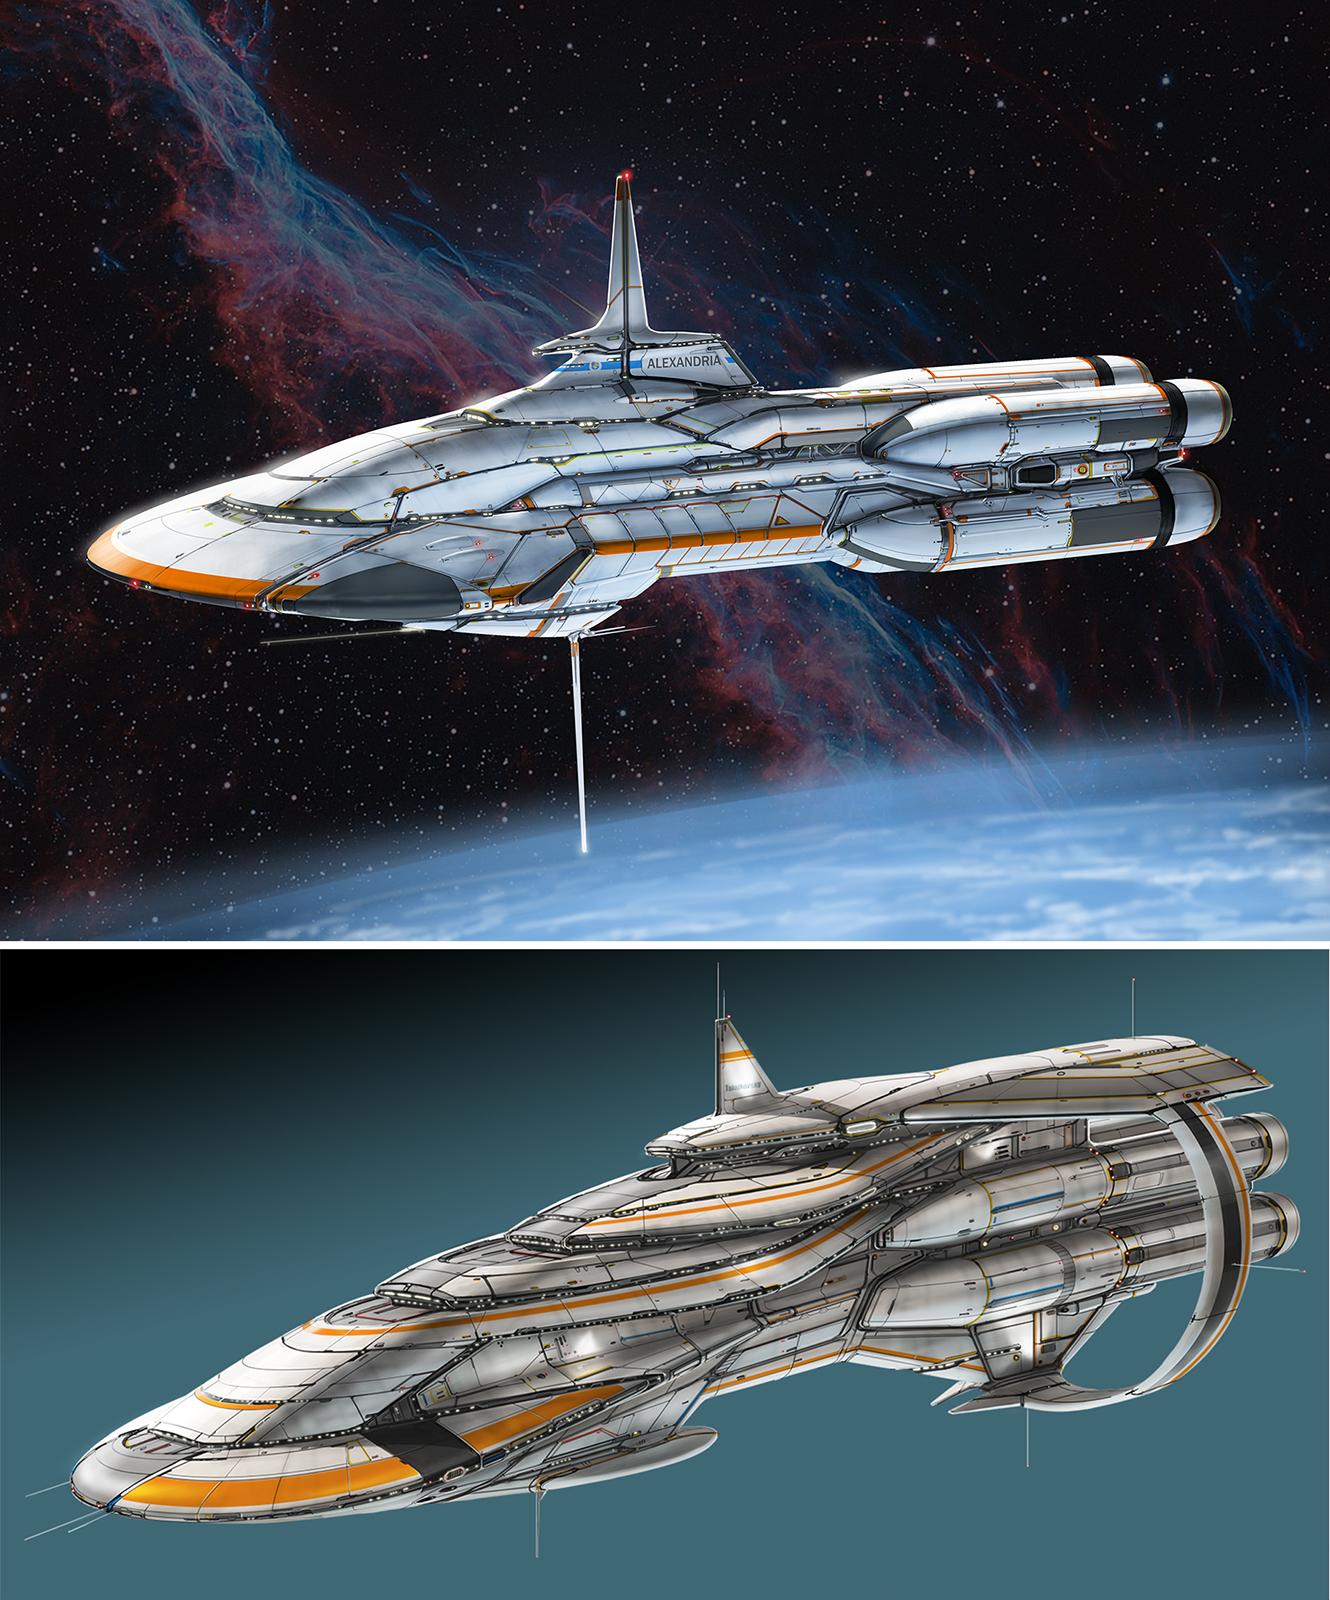 Romkochnev spaceships 1 07fbf824 8357